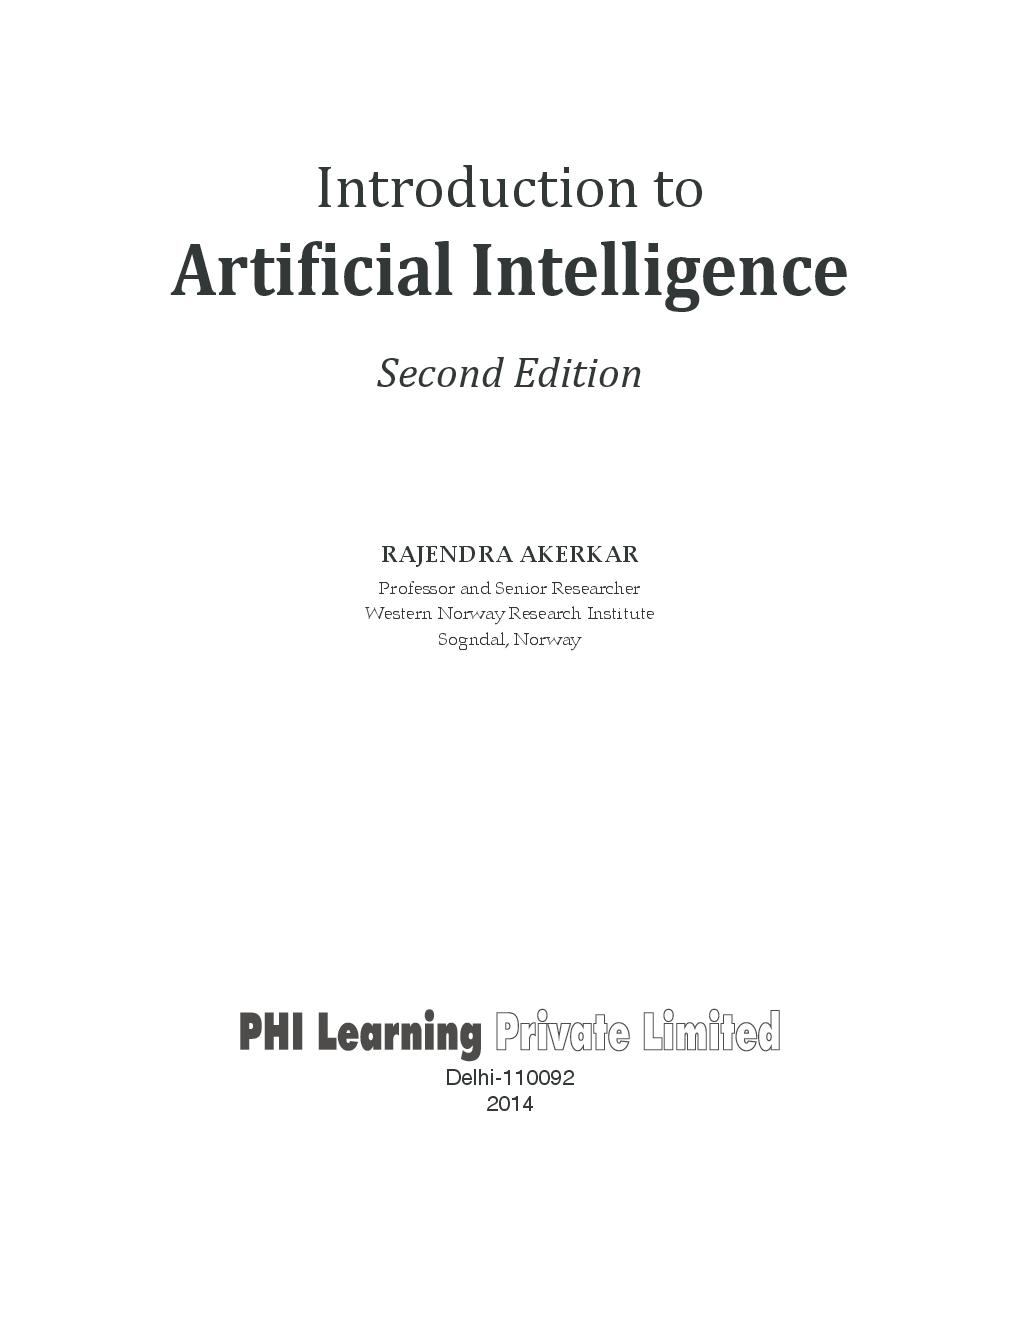 Download the manual - Atlas Copco